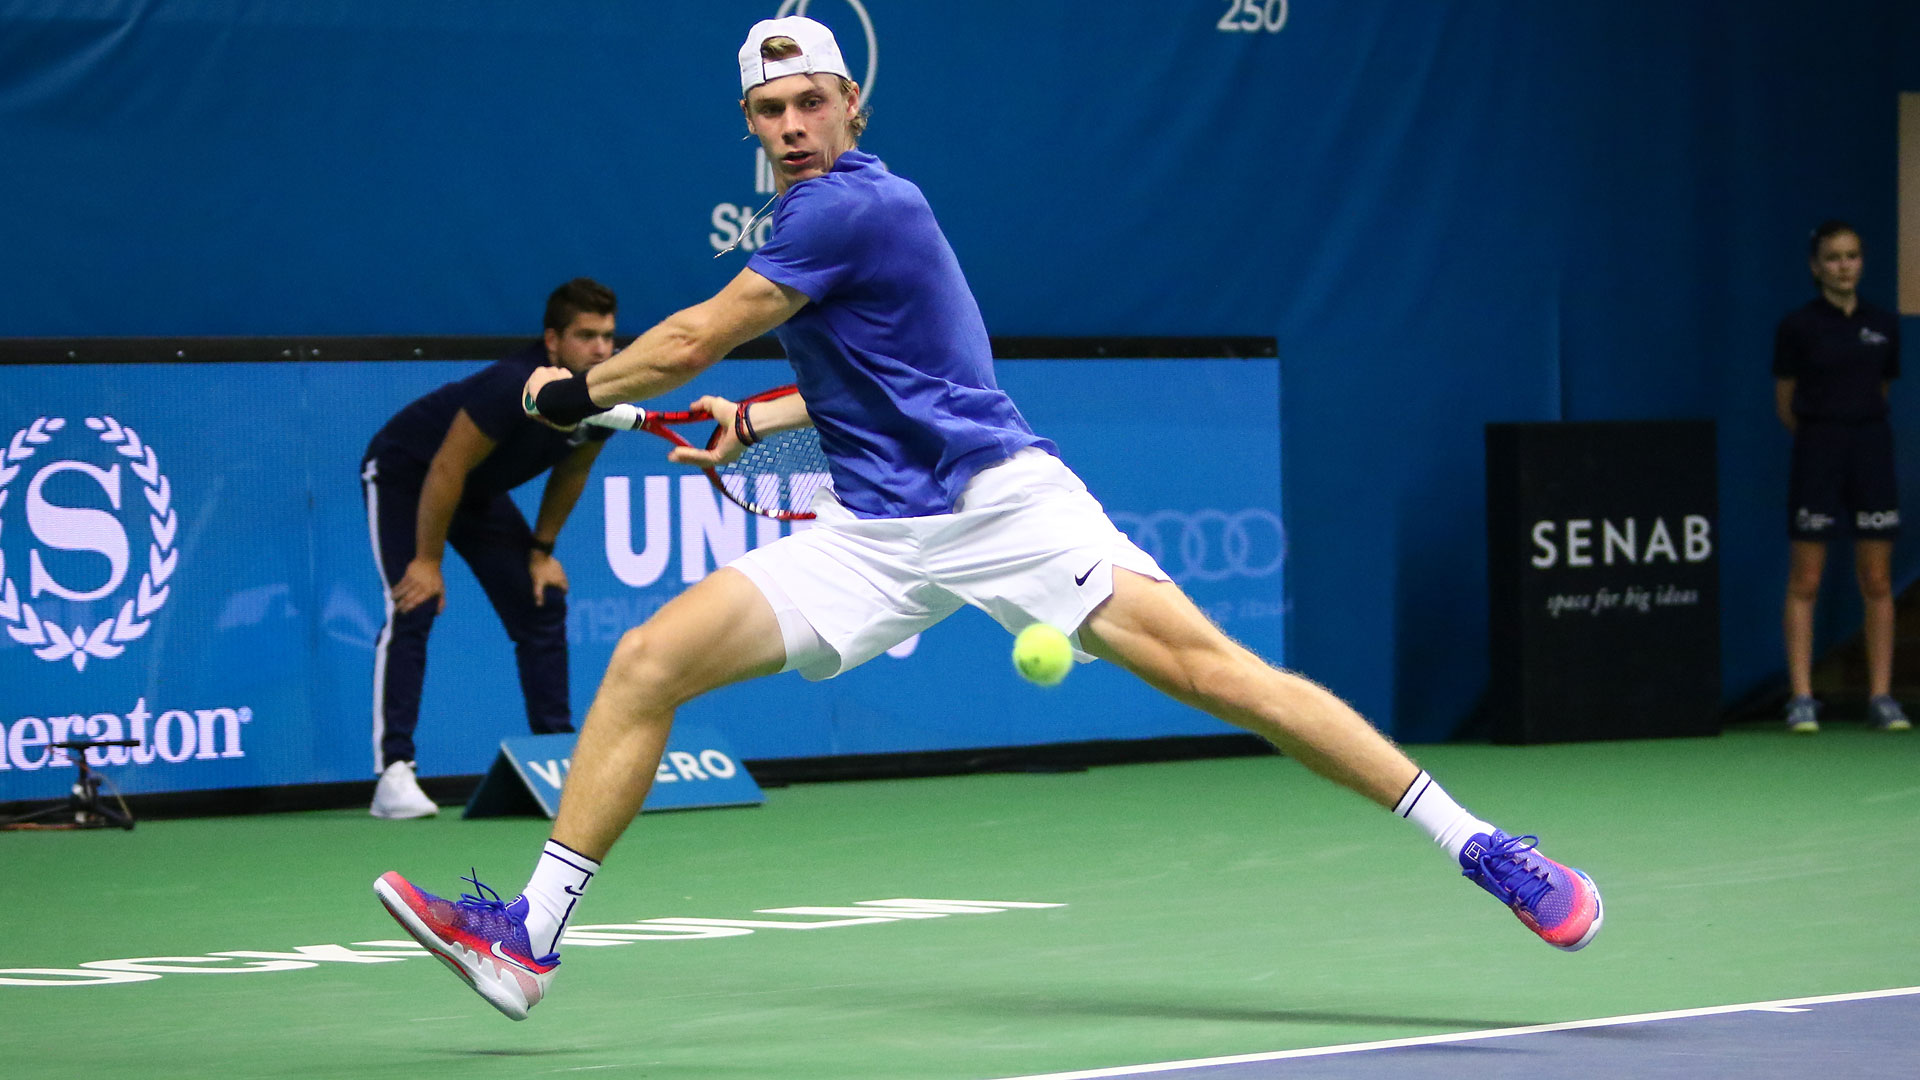 Стокгольм. Шаповалов с восьмой попытки пробился в финал турнира ATP